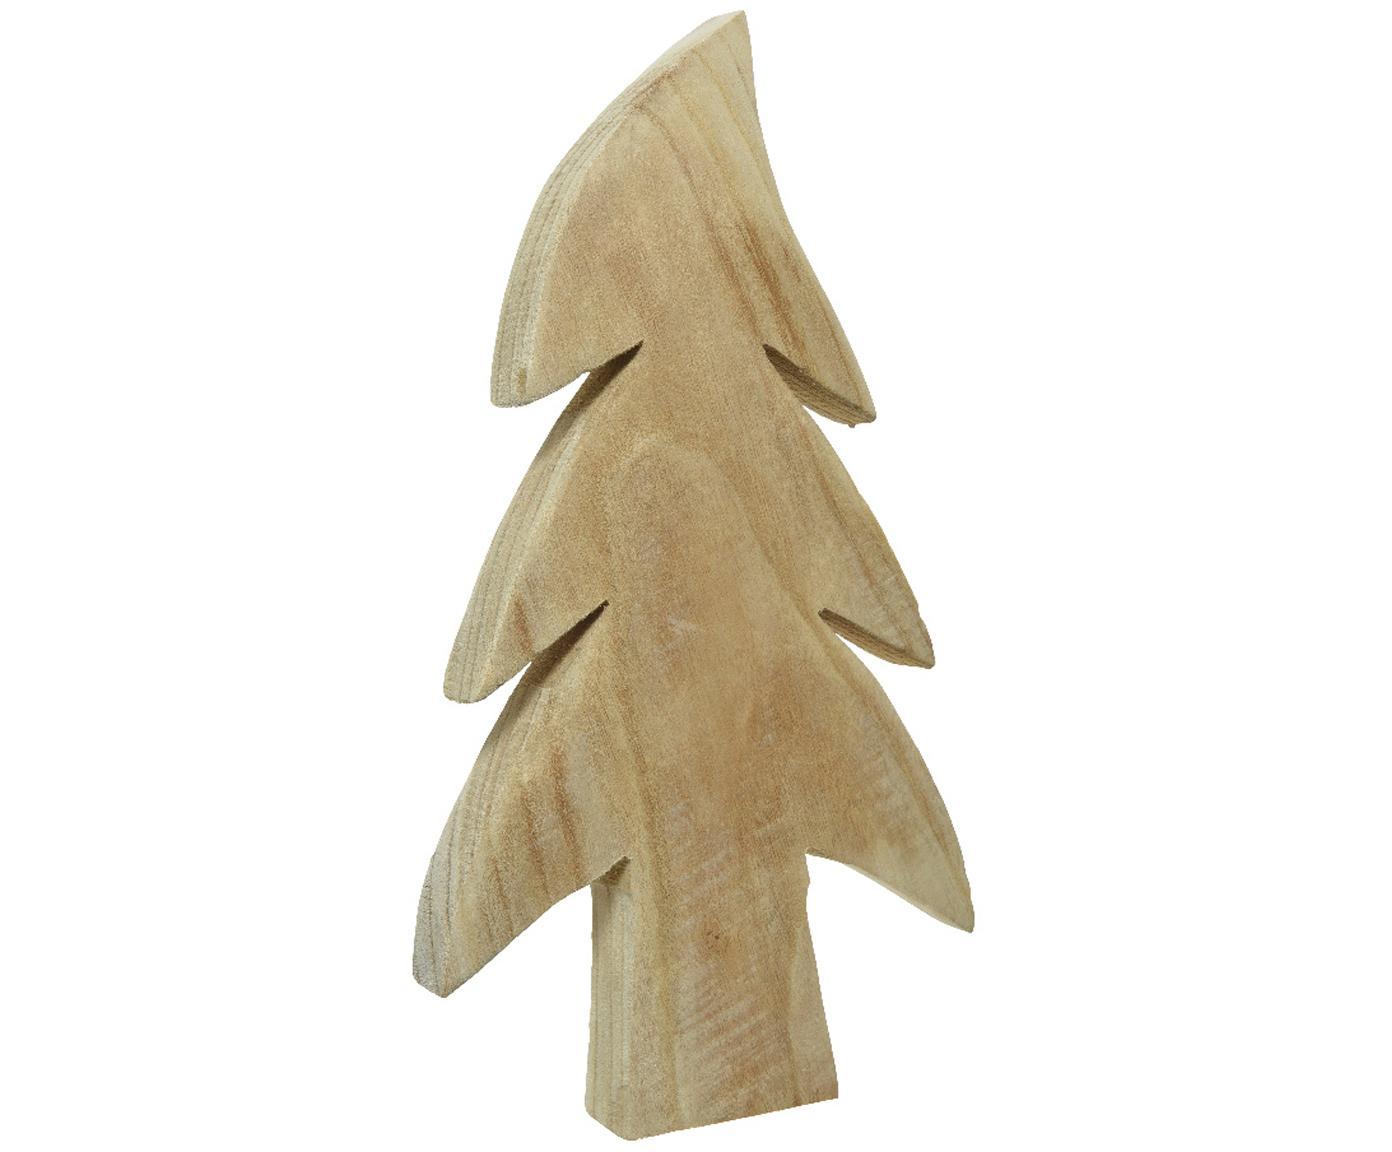 Dekoracja Twinkle, Drewno paulownia, Drewno paulowania, S 14 x W 28 cm